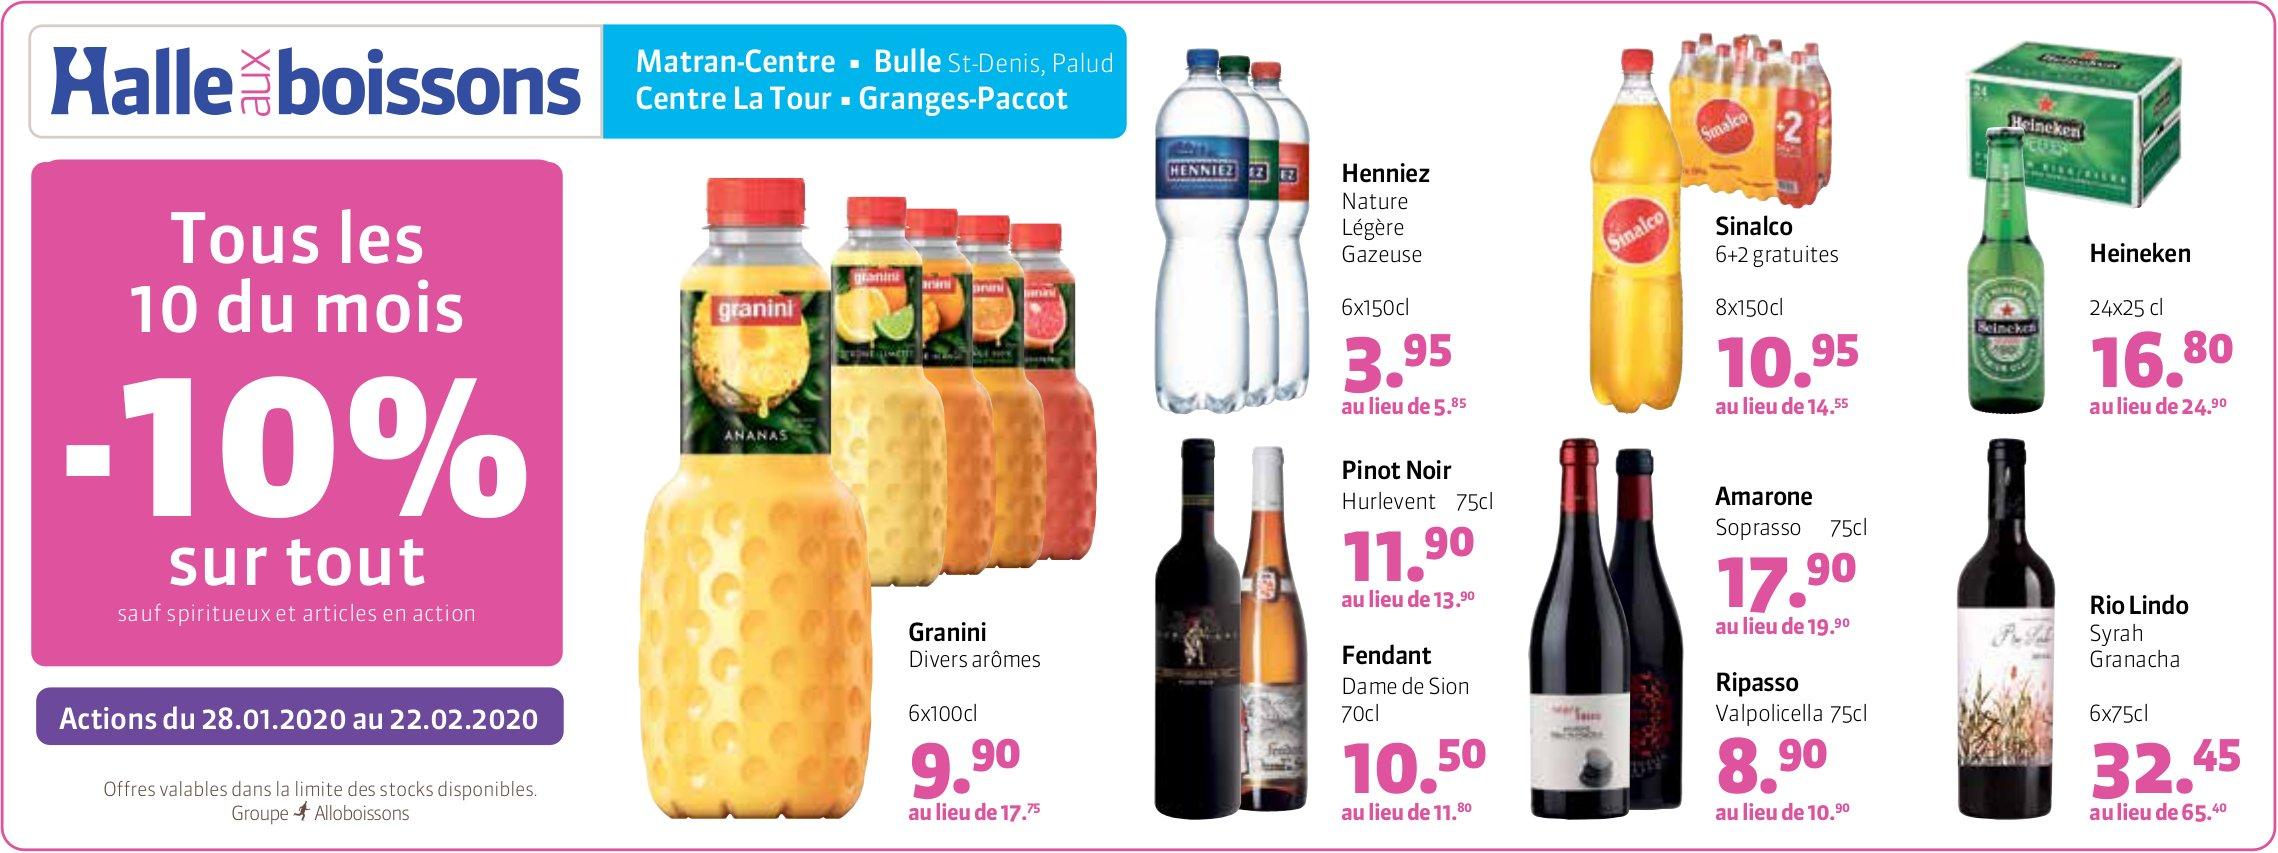 Halle aux boissons - Tous les 10 du mois -10% sur tout